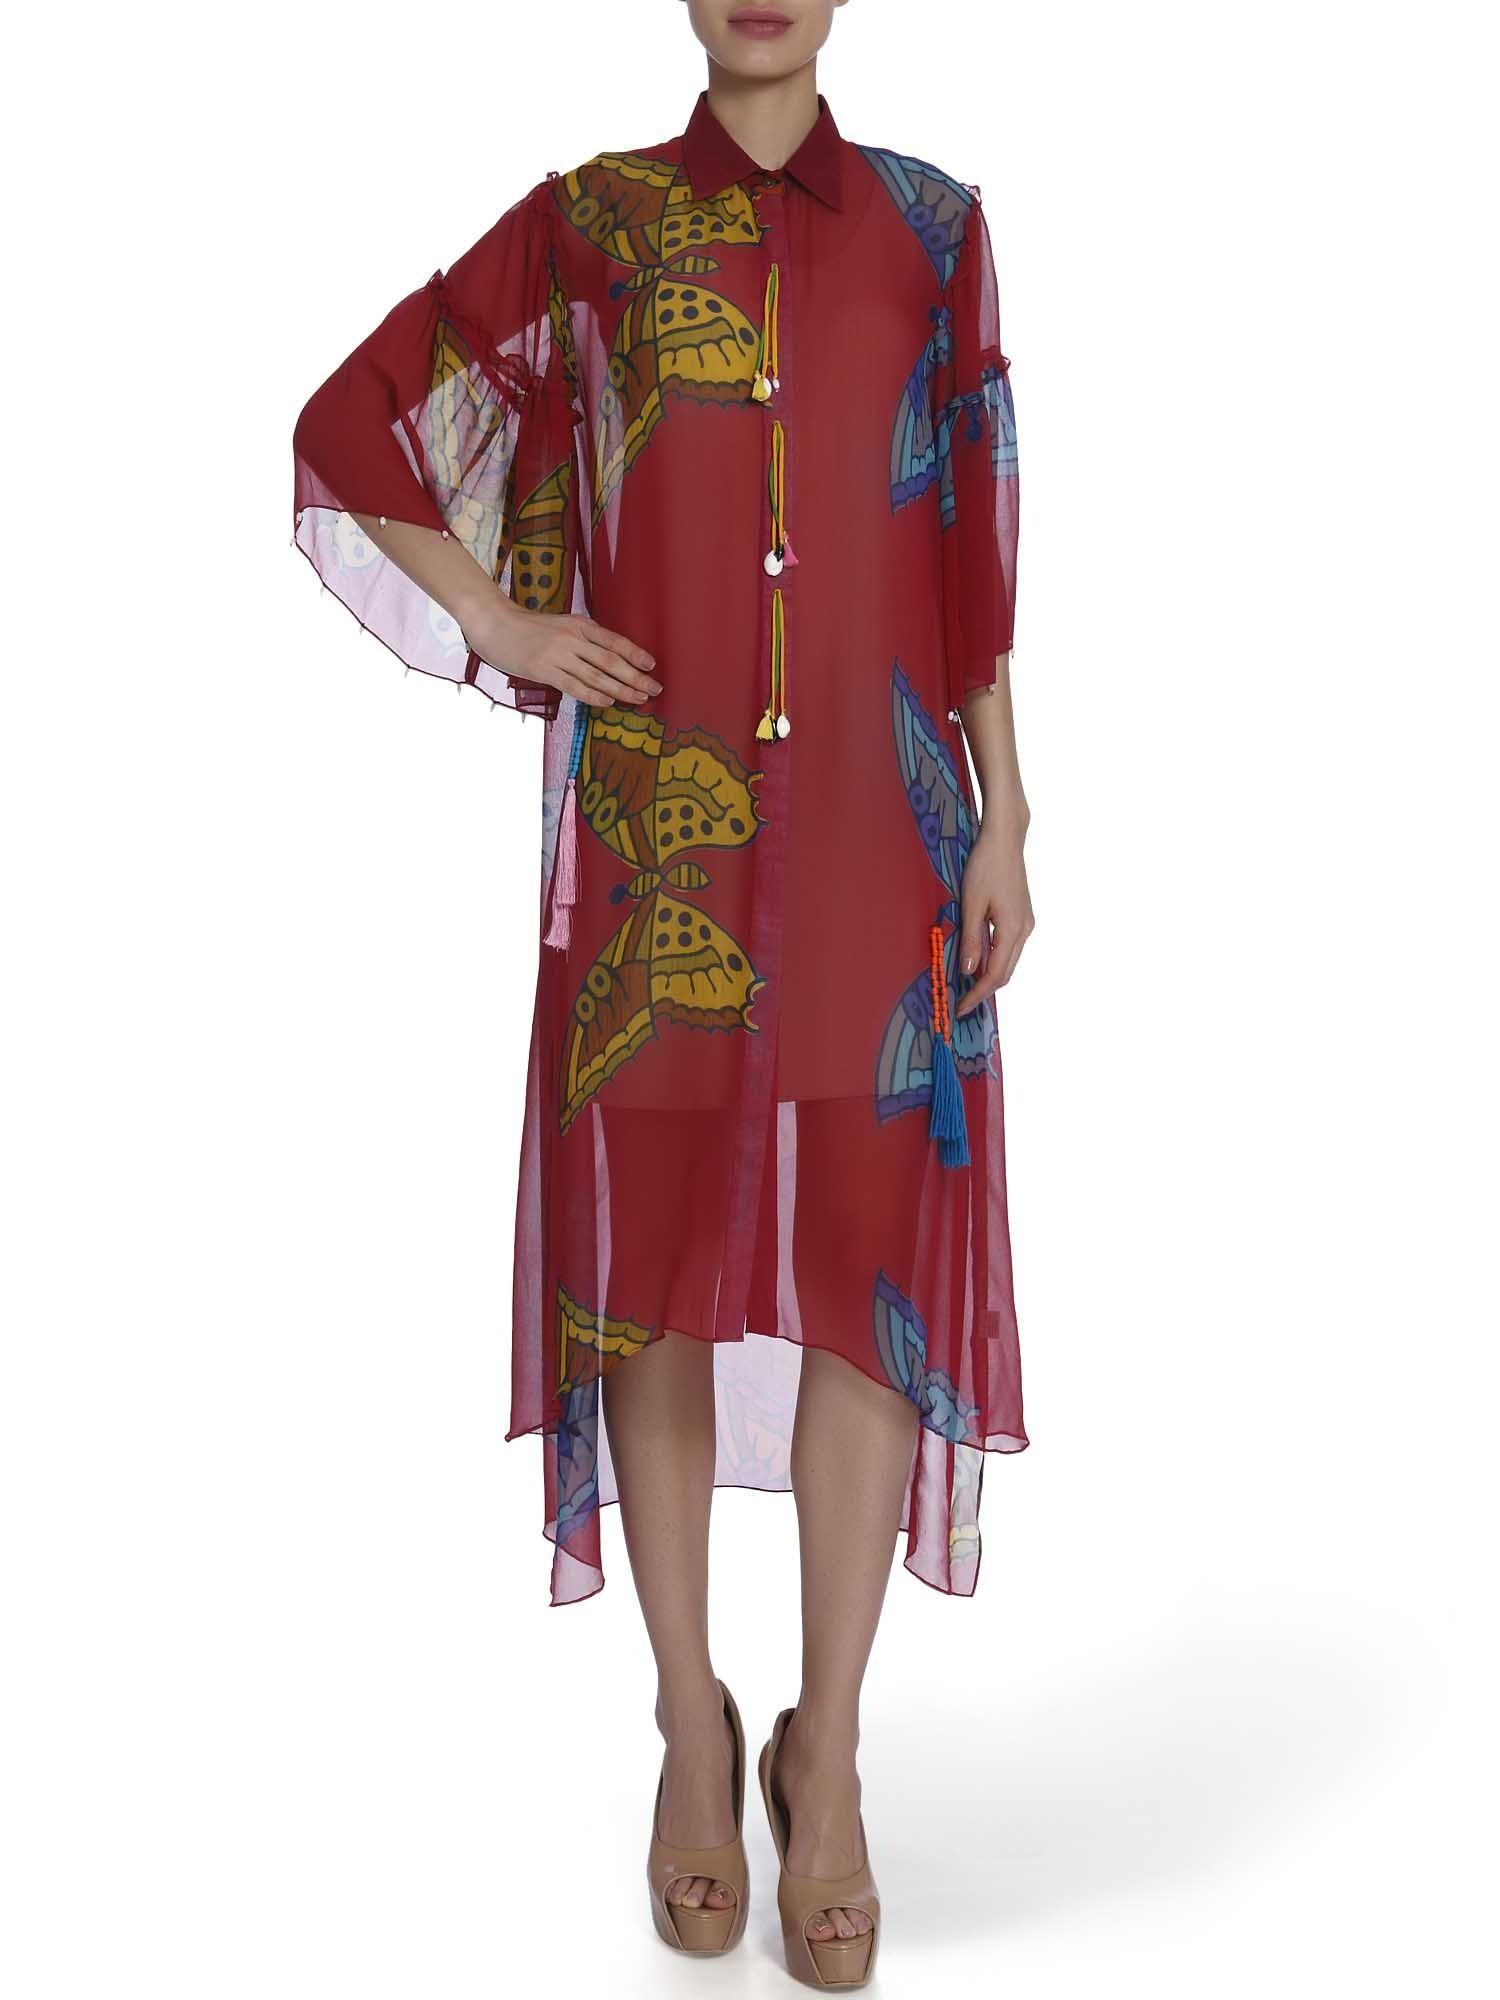 aa8a7dbdef Anupamaa Dayal Shirts Tops and Crop Tops : Buy Anupamaa Dayal ...